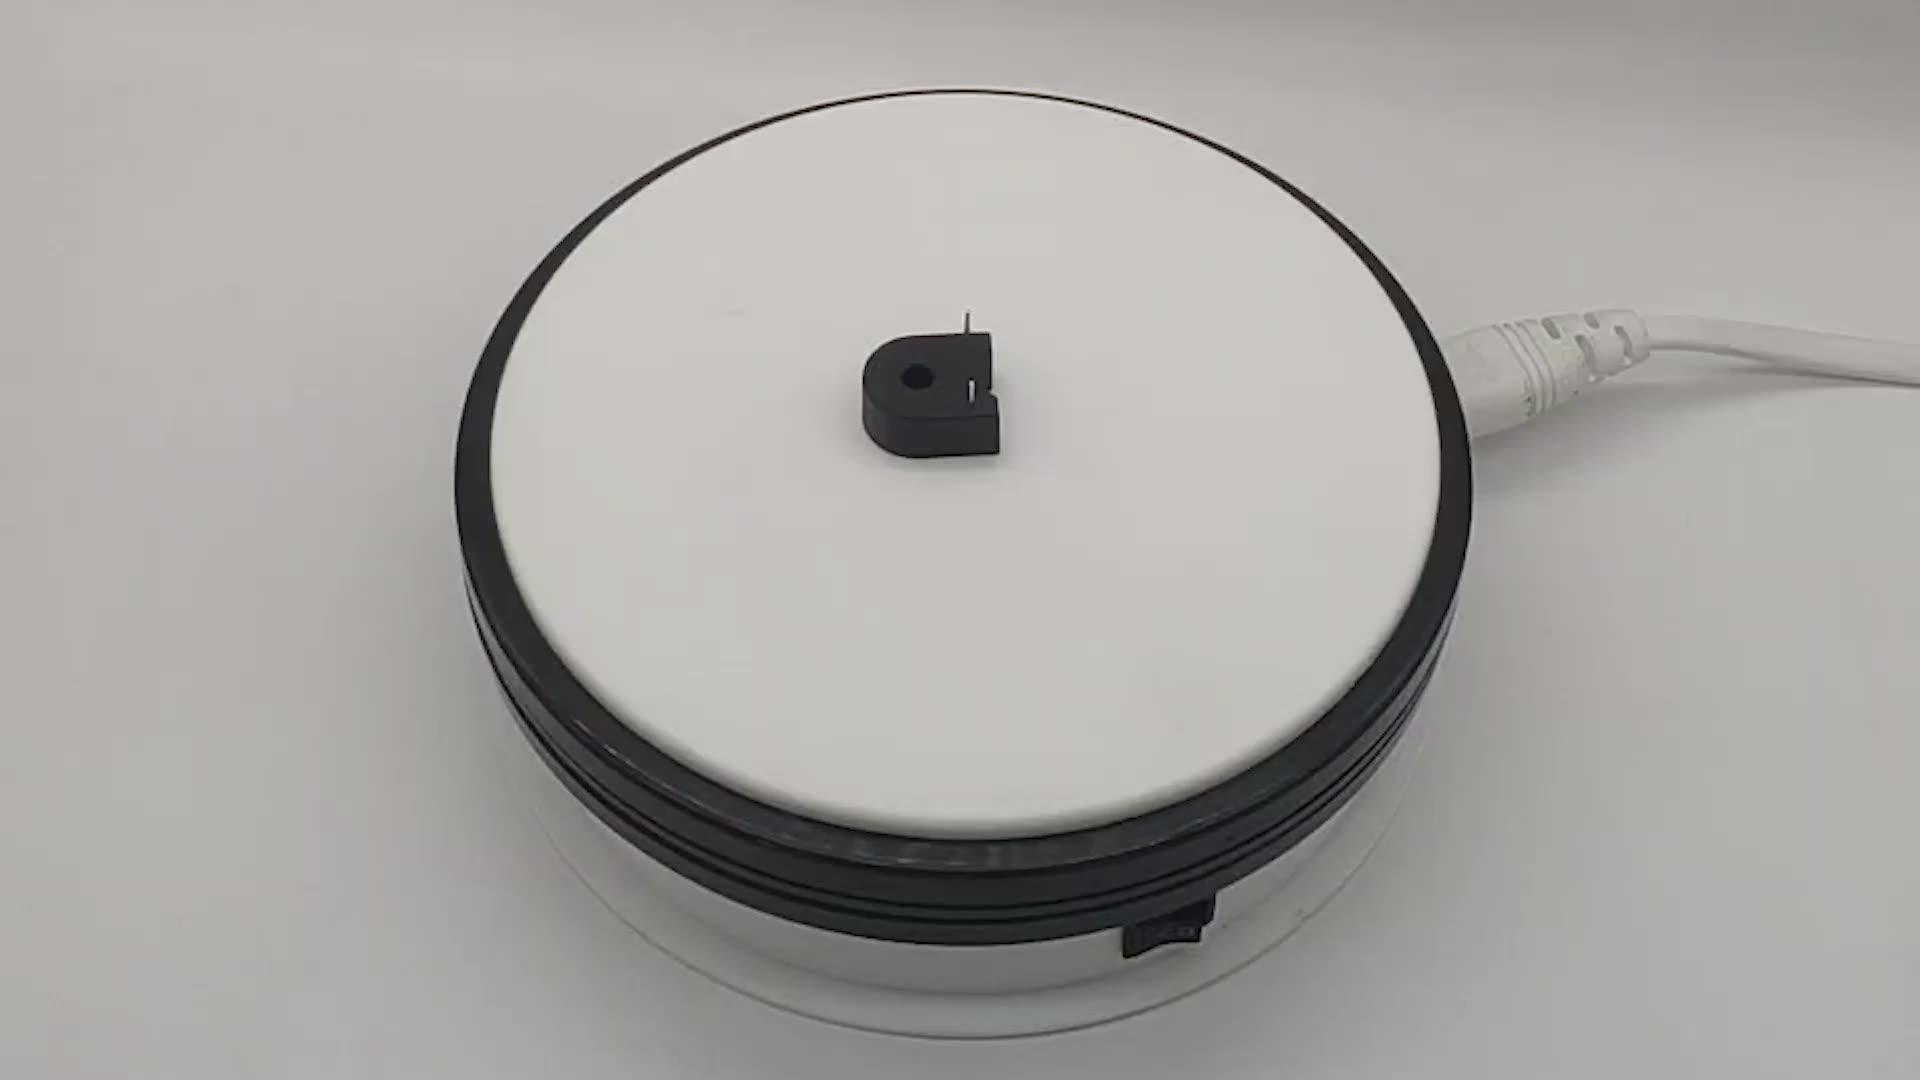 Zhongdun ZTA504C Ferrite Core Mini Chính Xác PCB Cảm Biến Hiện Tại Sản Xuất AC Nhỏ CT Biến Hiện Tại Cho Đo